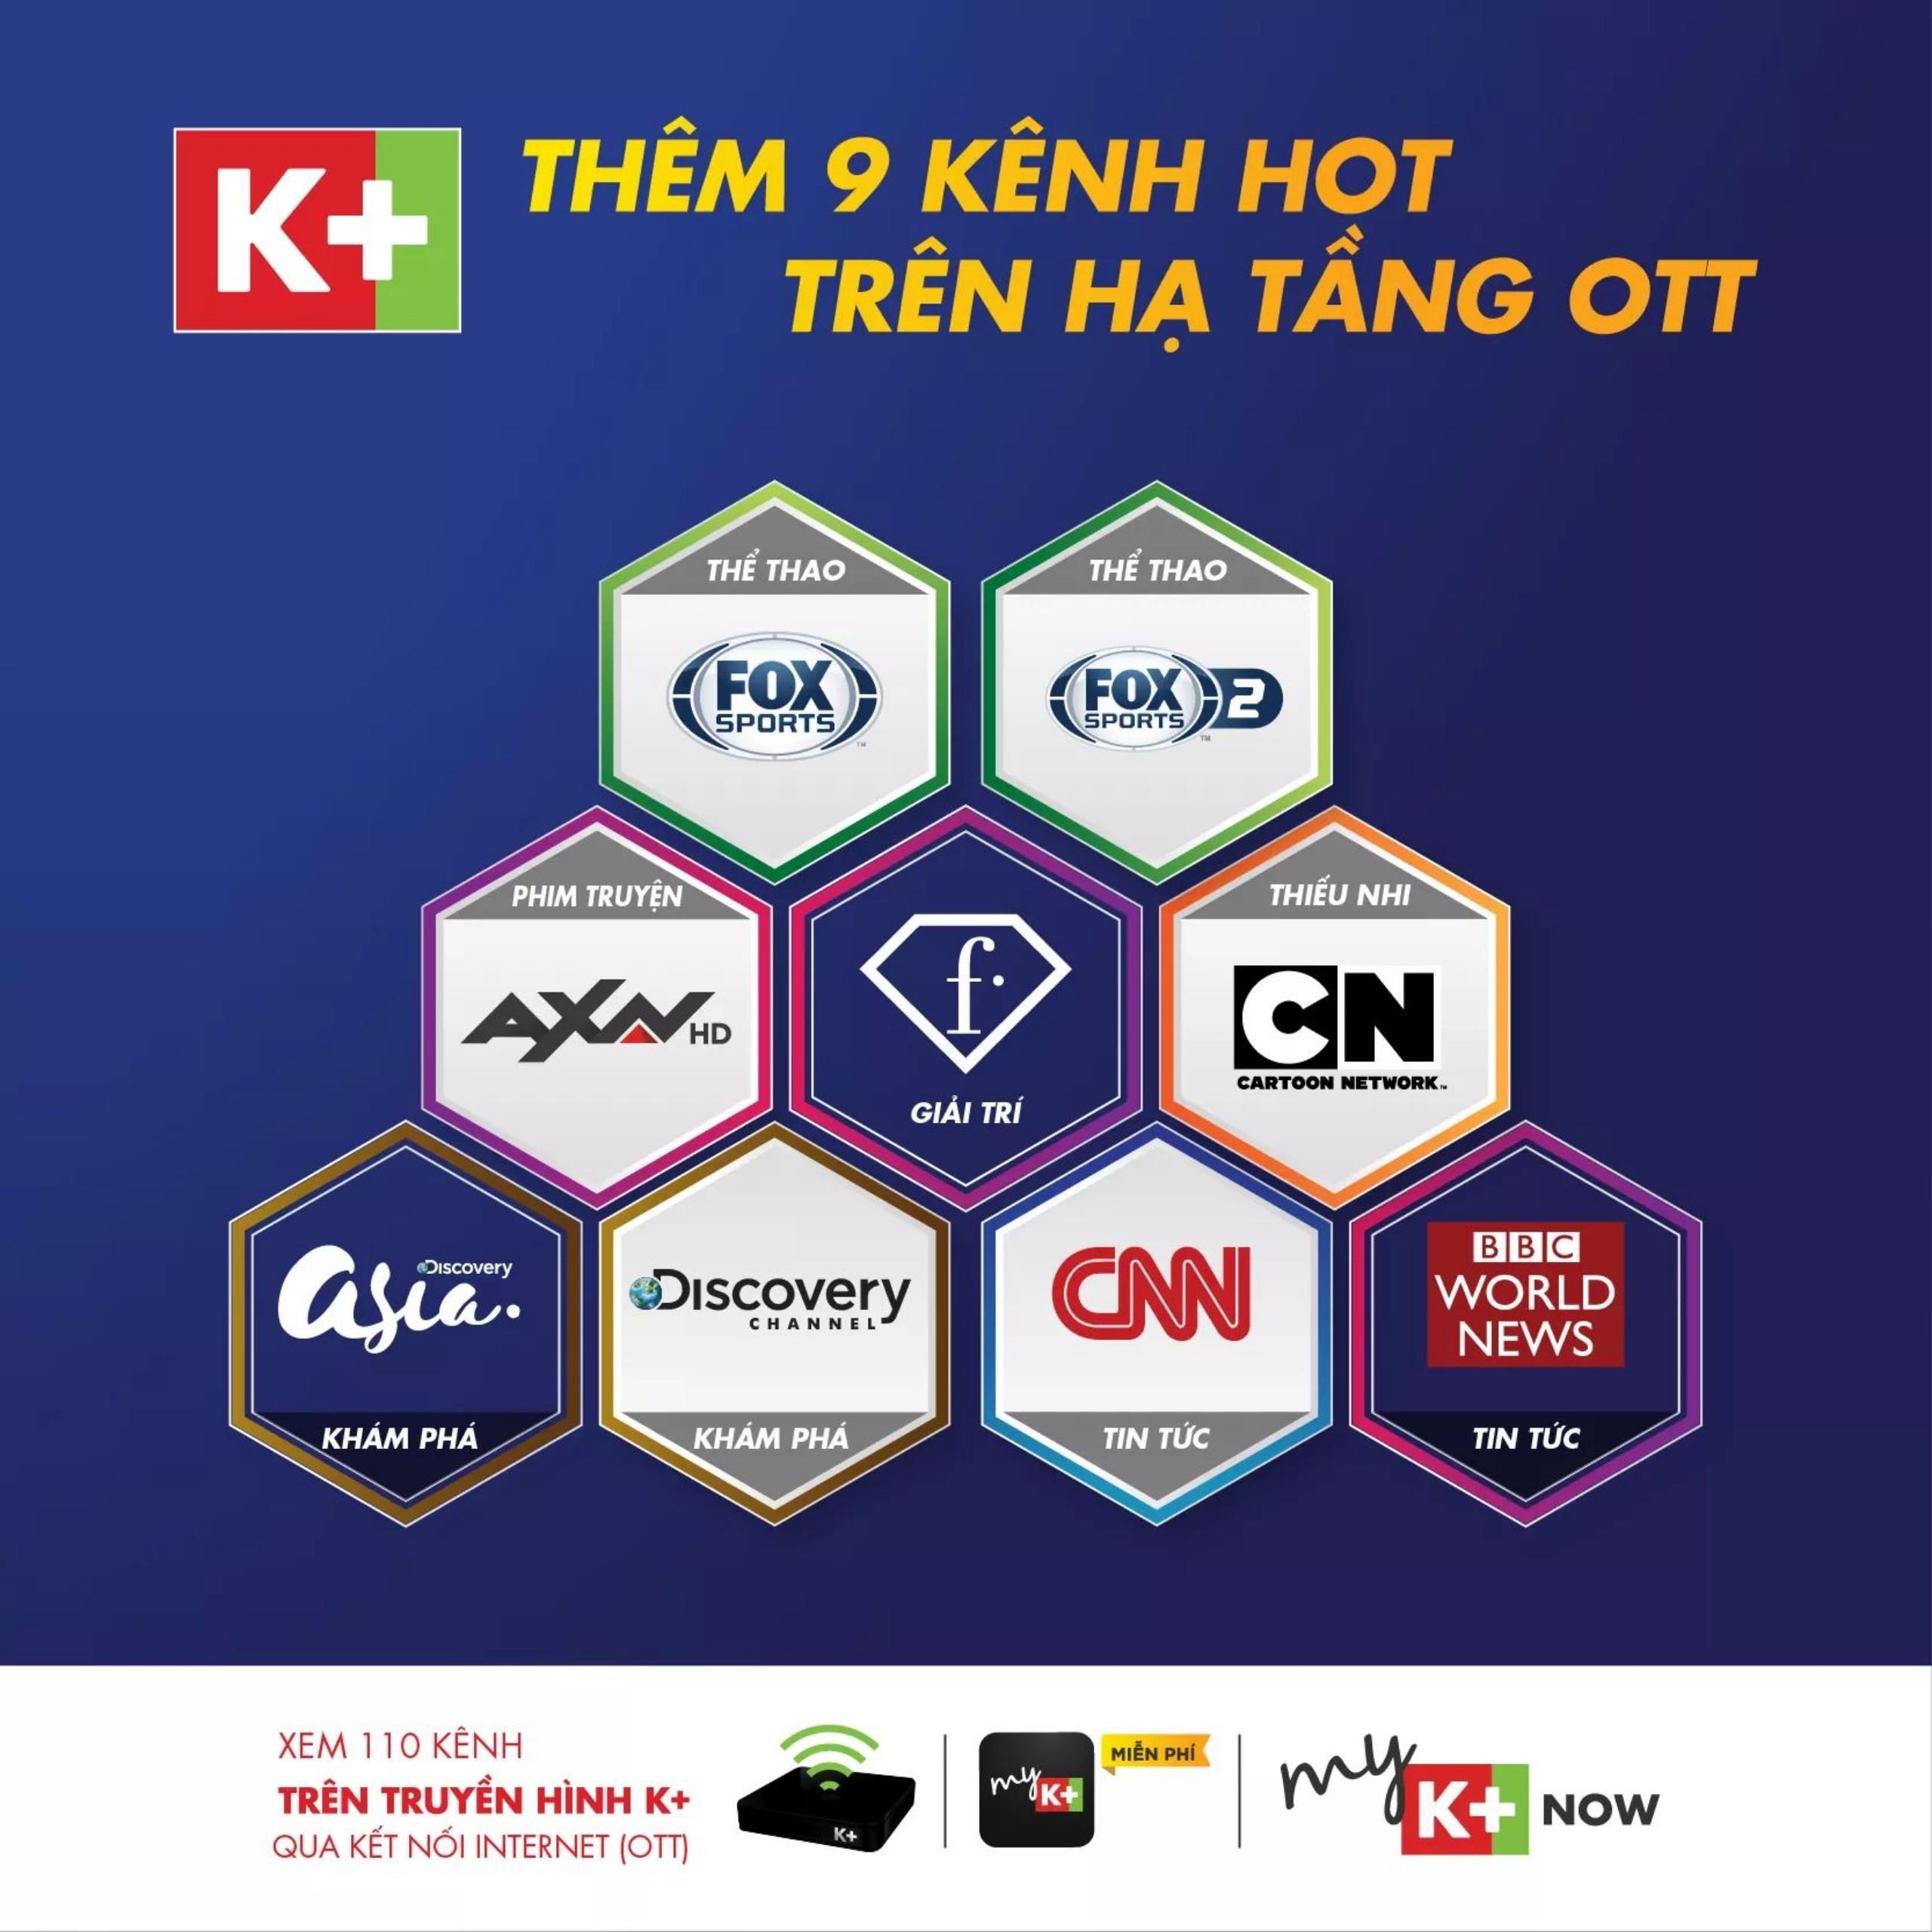 truyền hình ott, kênh nước ngoài, truyền hình k+